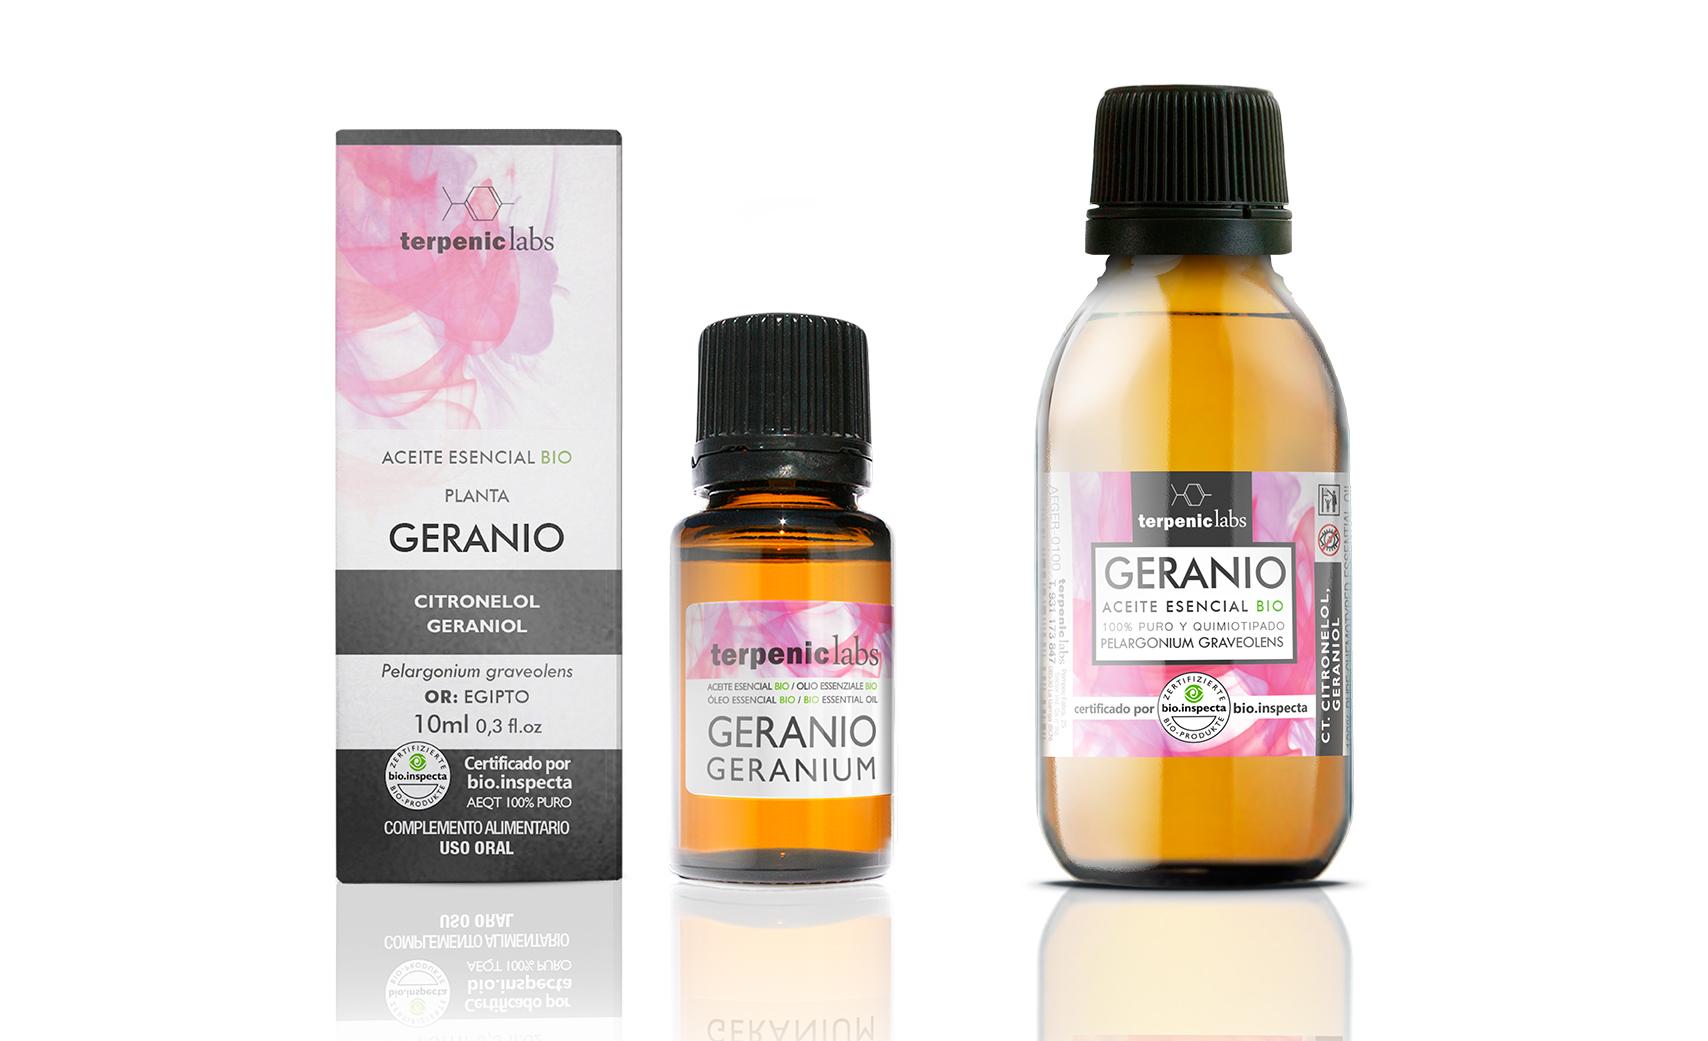 Geranio - Terpenic Labs